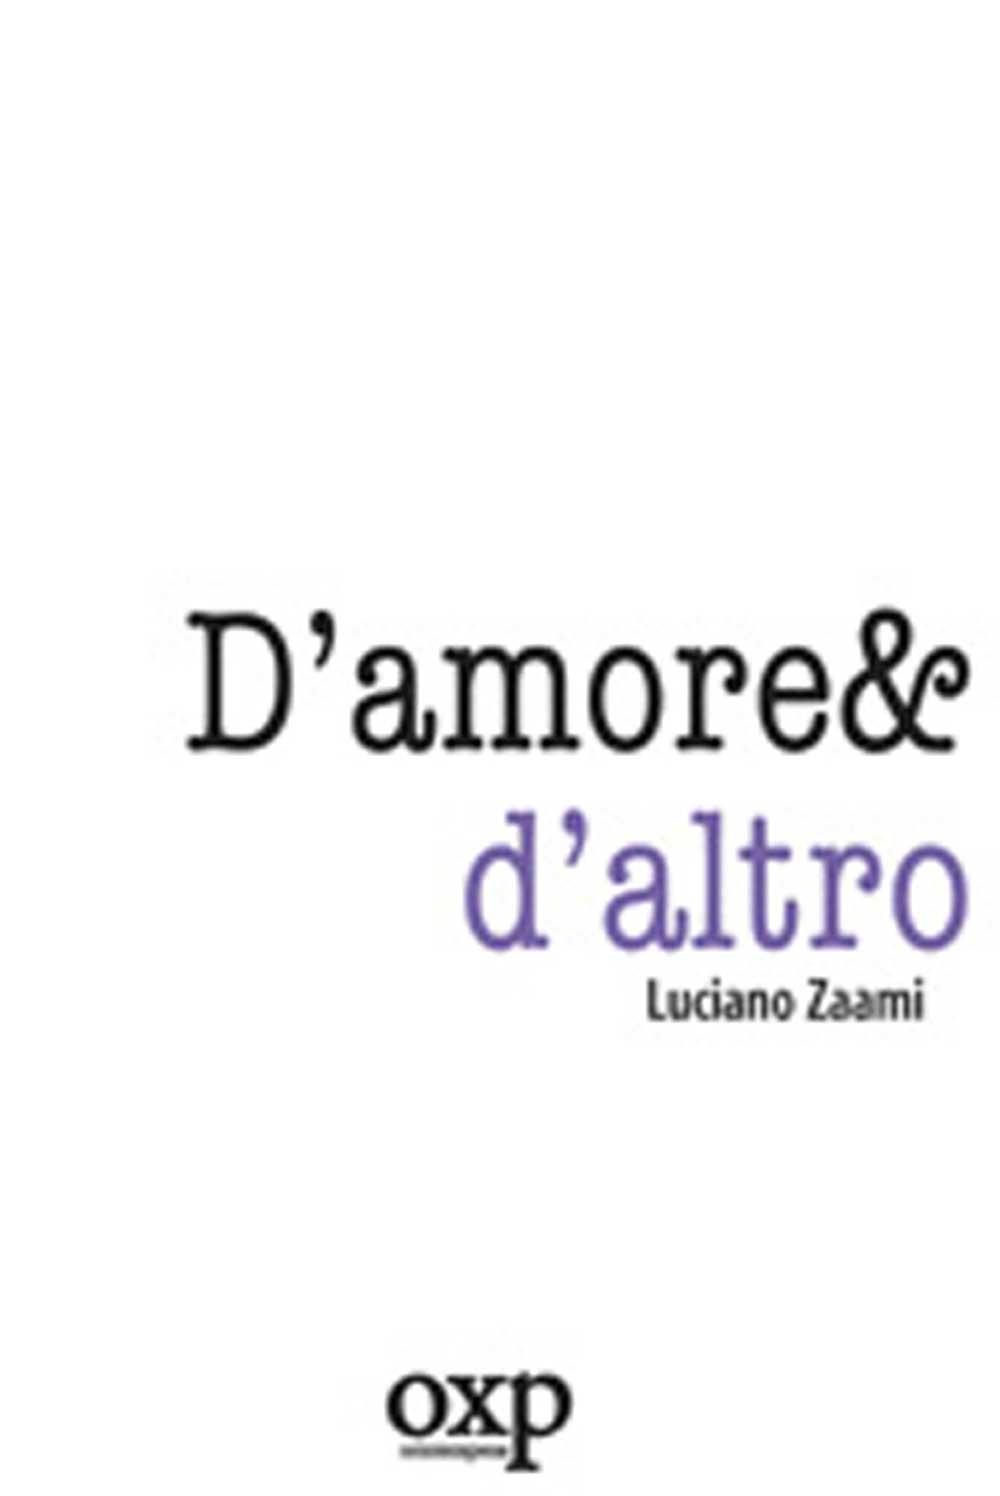 D'amore e d'altro, di LucianoZaami (Gli Scacchi, 2006)